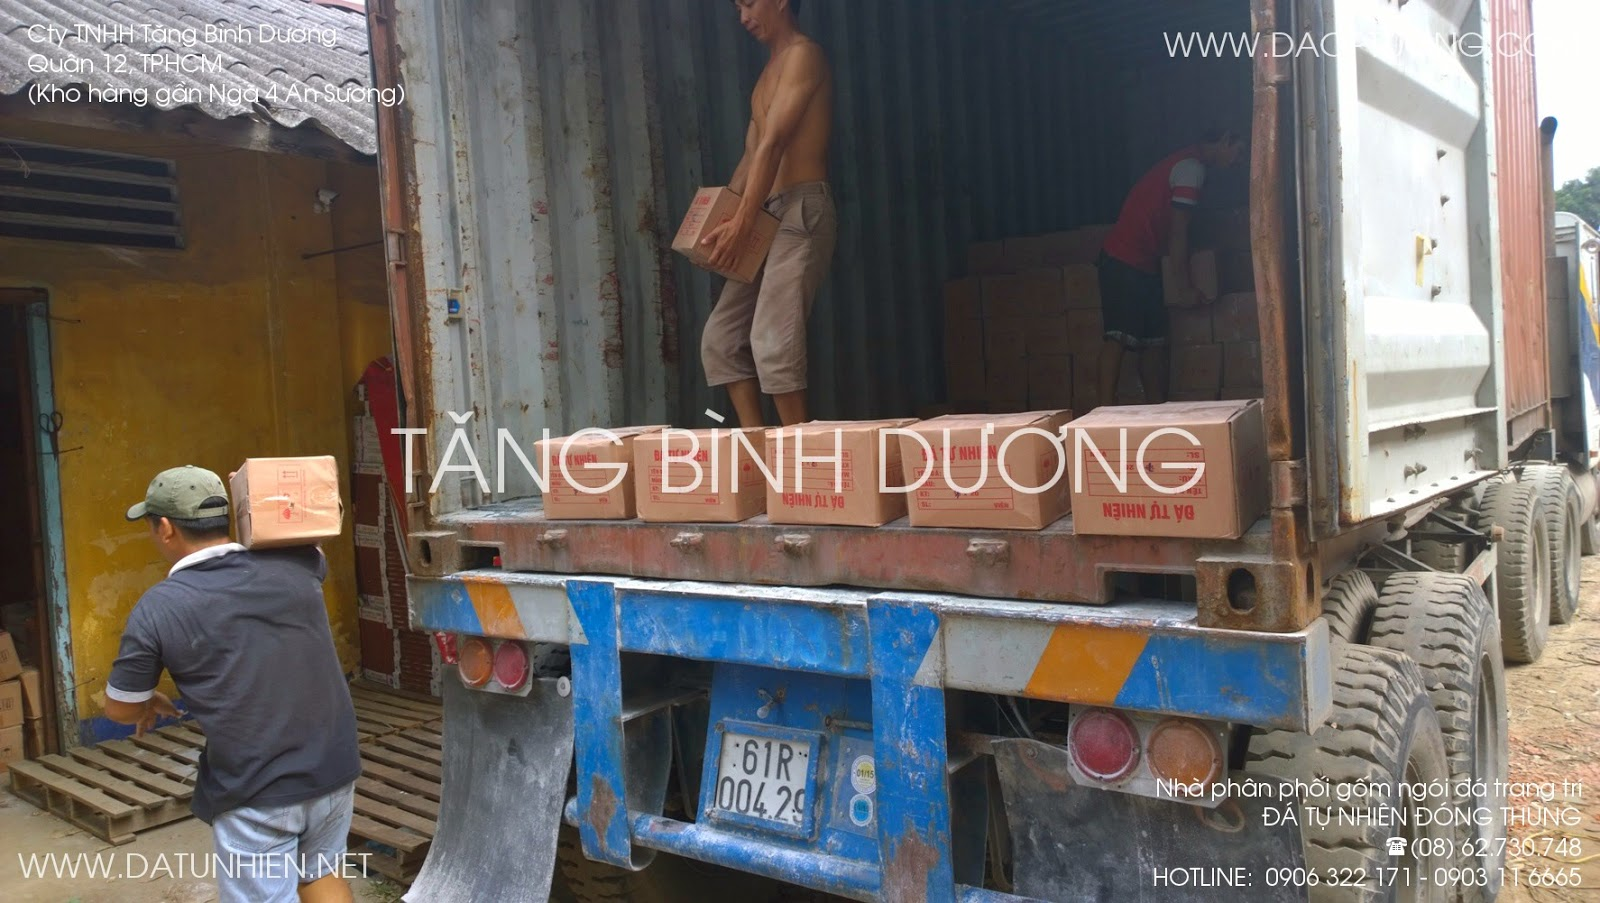 Container bỏ hàng đá tự nhiên đóng thùng